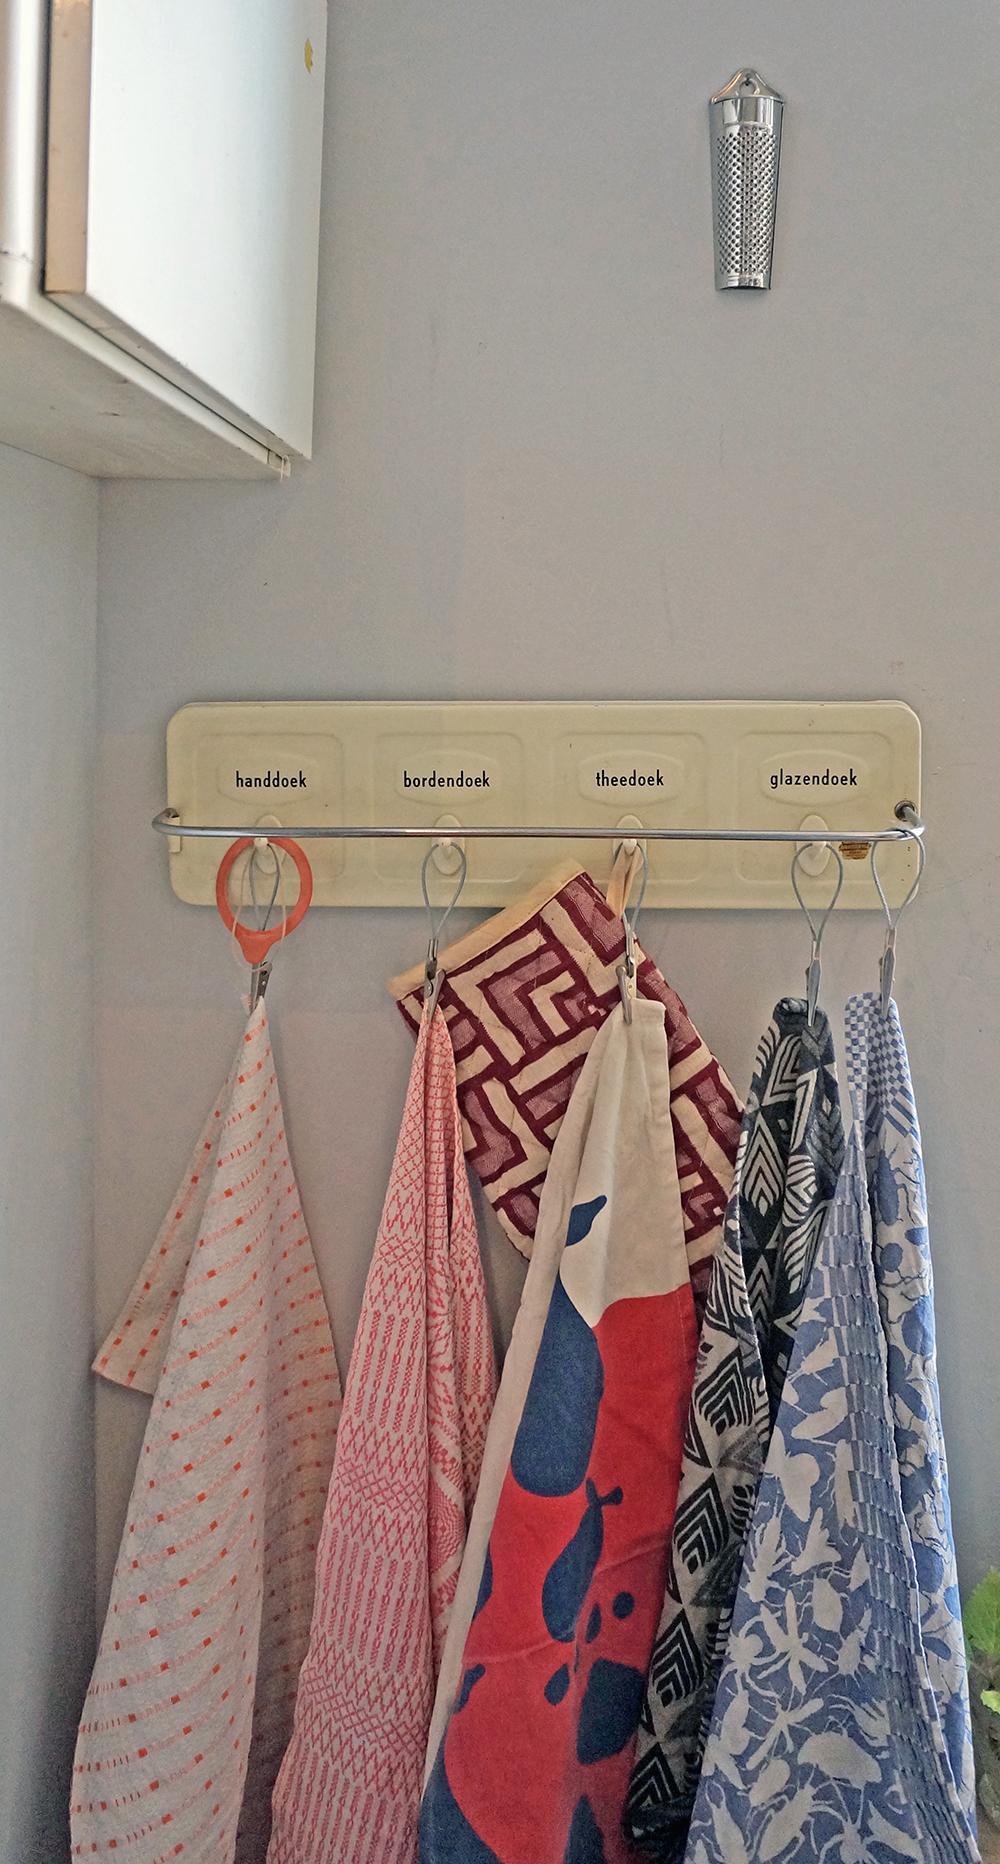 vintage-handdoekenrekje-van-brabantia-met-een-paar-vintage-linnen-theedoeken-uit-zweden-theedoek-en-ovenwant-van-oxfam-een-theedoek-van-sissy-boy-en-een-theedoek-van-studio-job